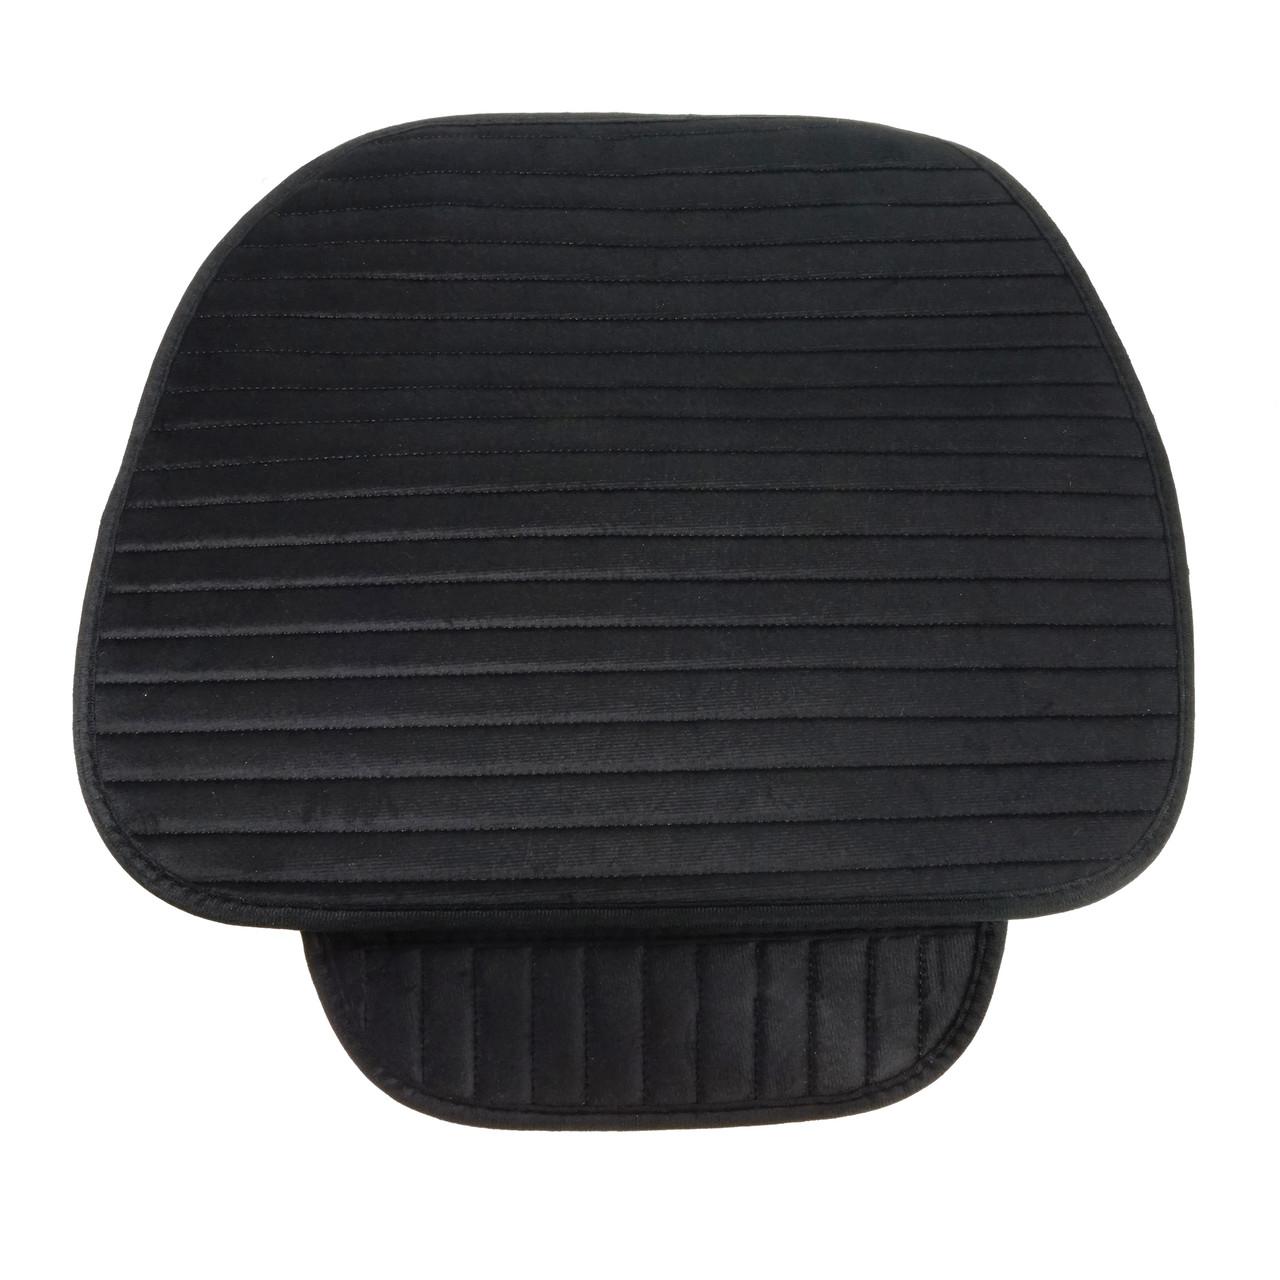 Коврик на сиденье в авто на прорезиненной основе защитный универсальный